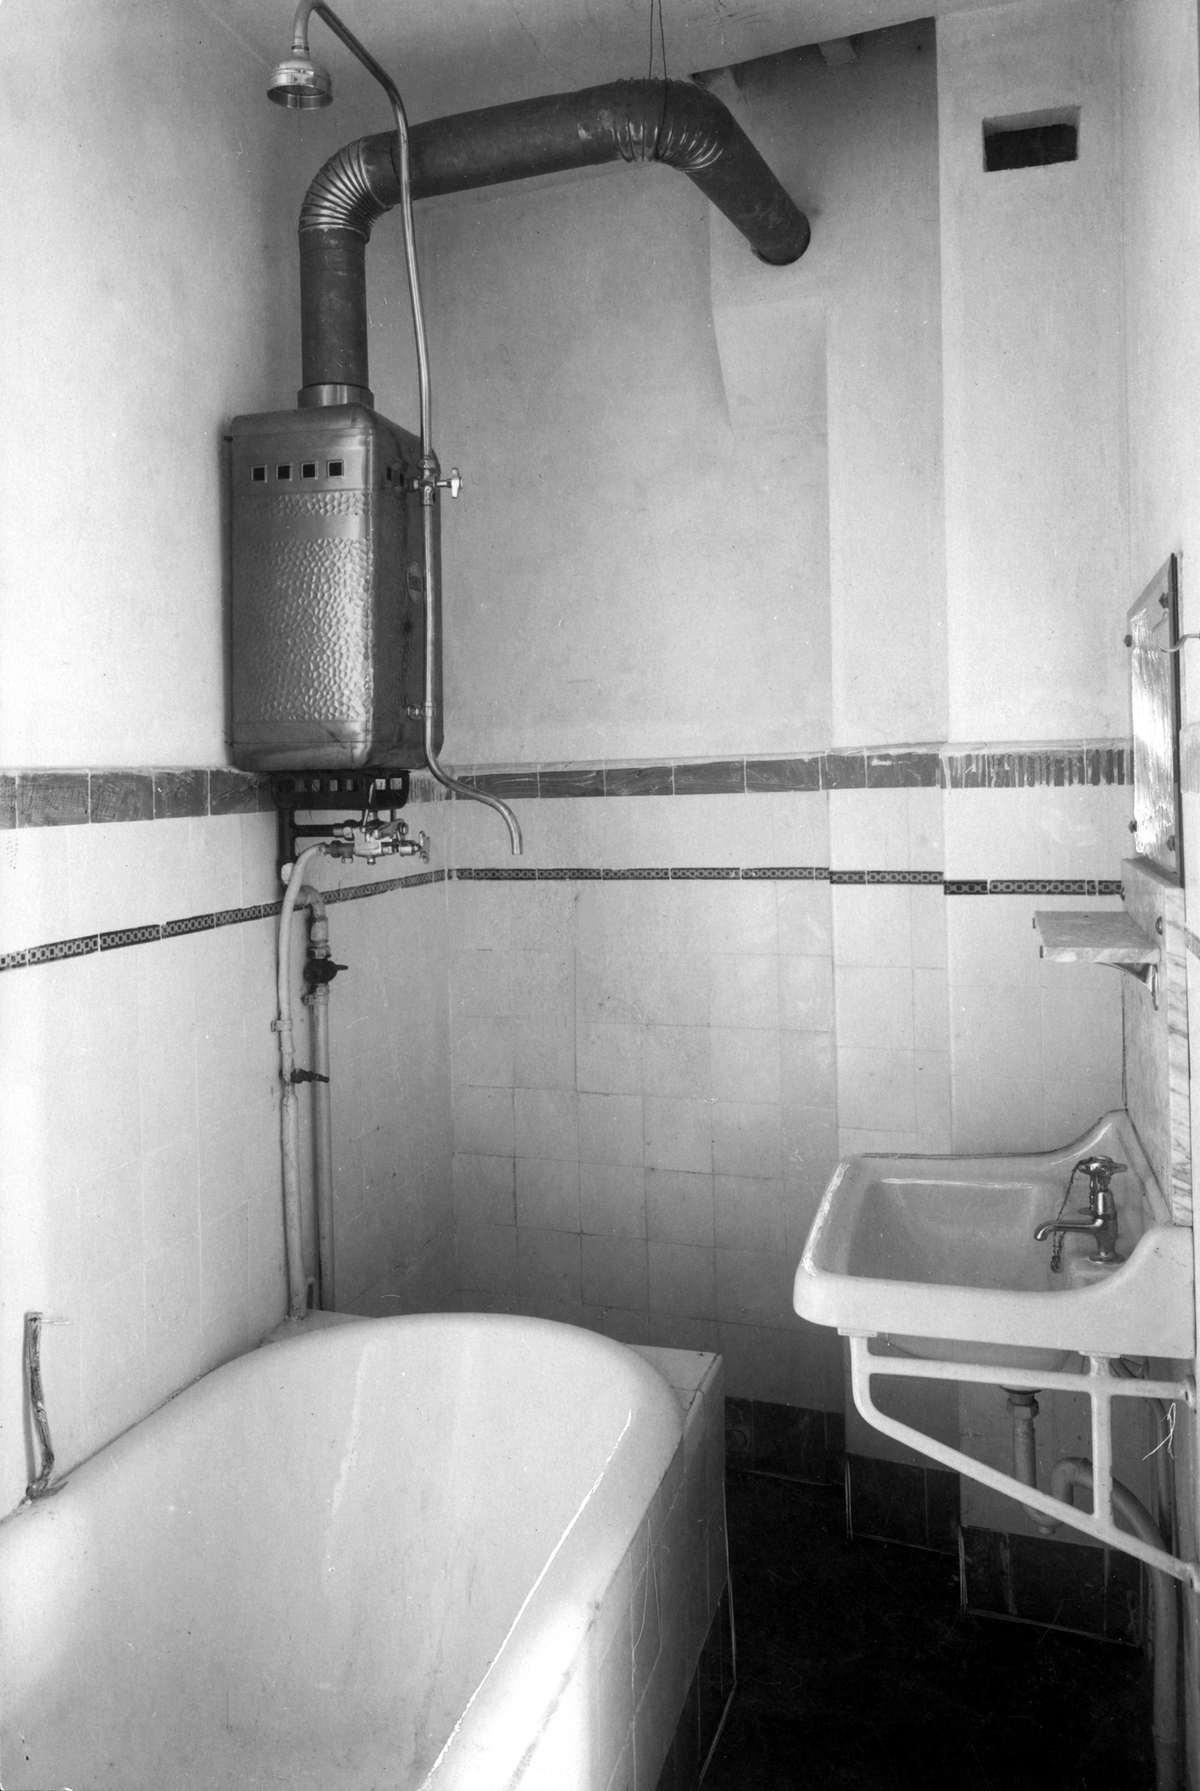 Badkamer in nieuw huis Amsterdam Zuid, 1930. - SITE_TITLE